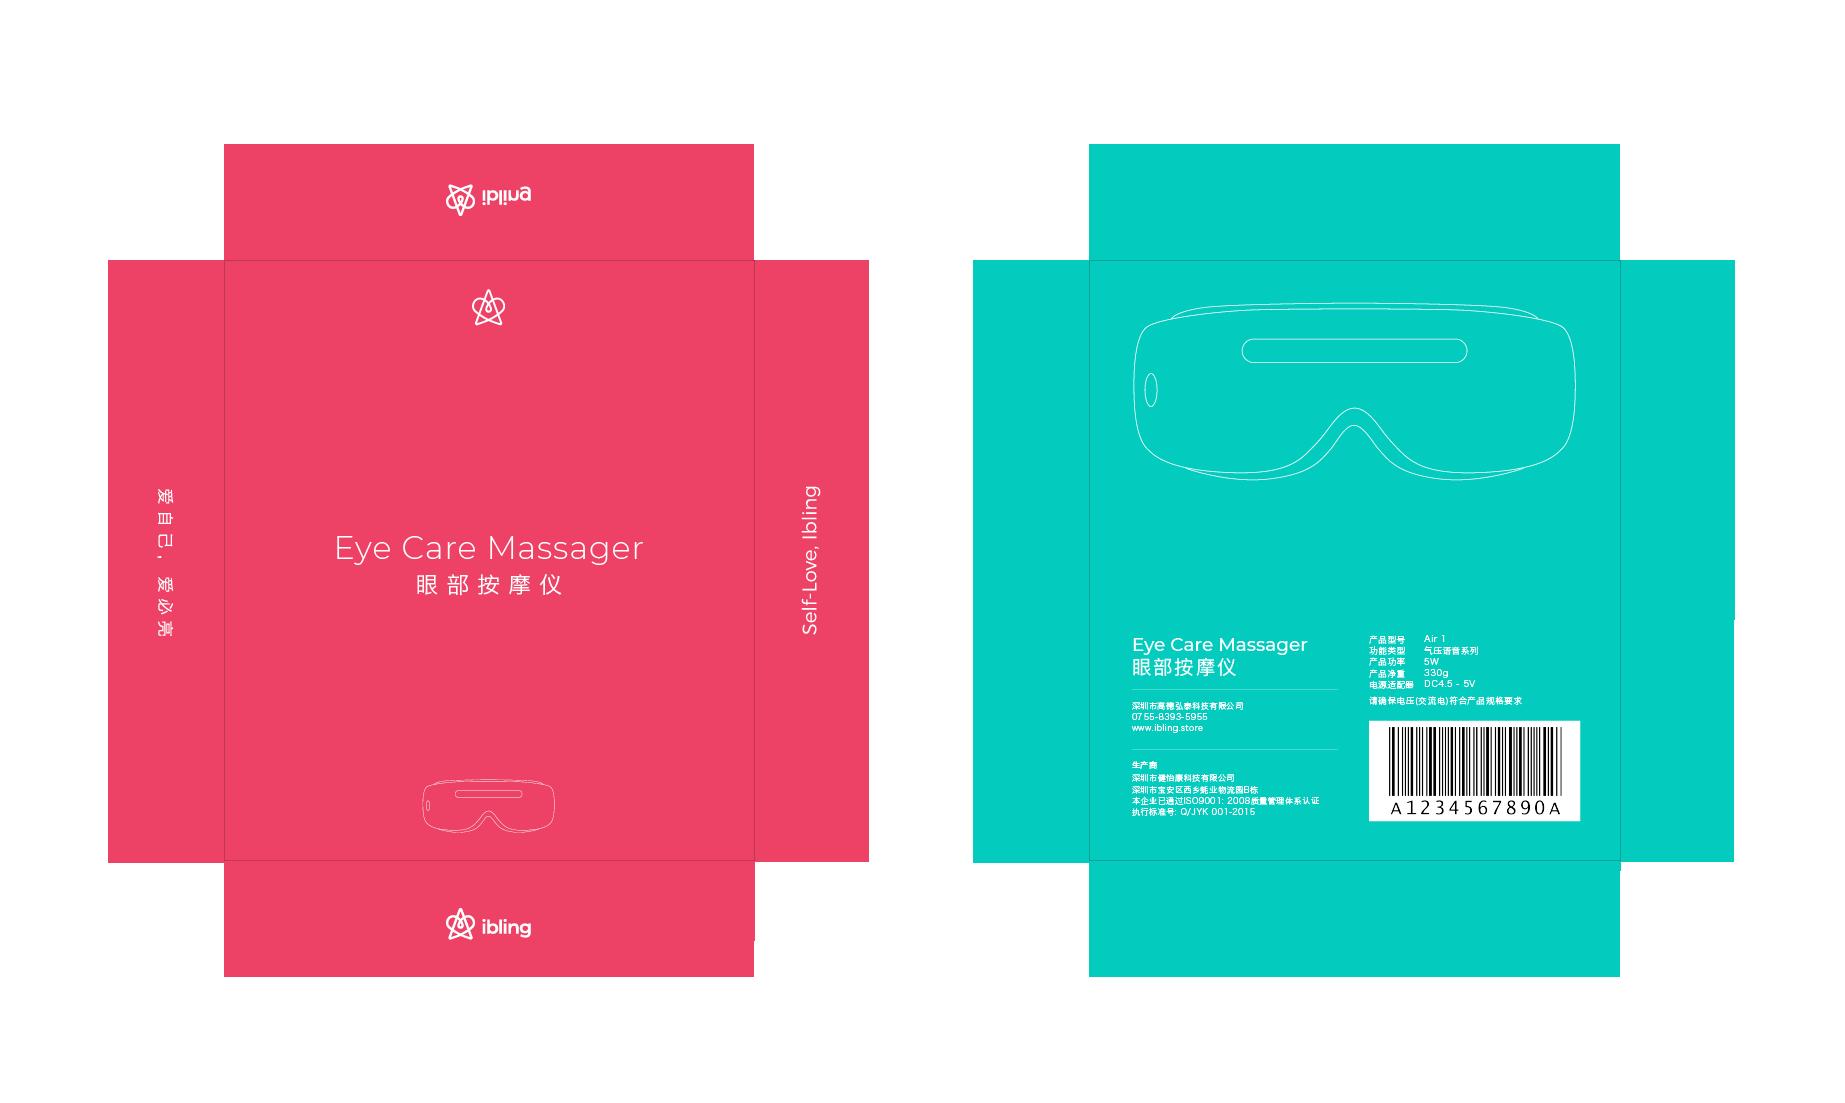 ibling-packaging-open-15